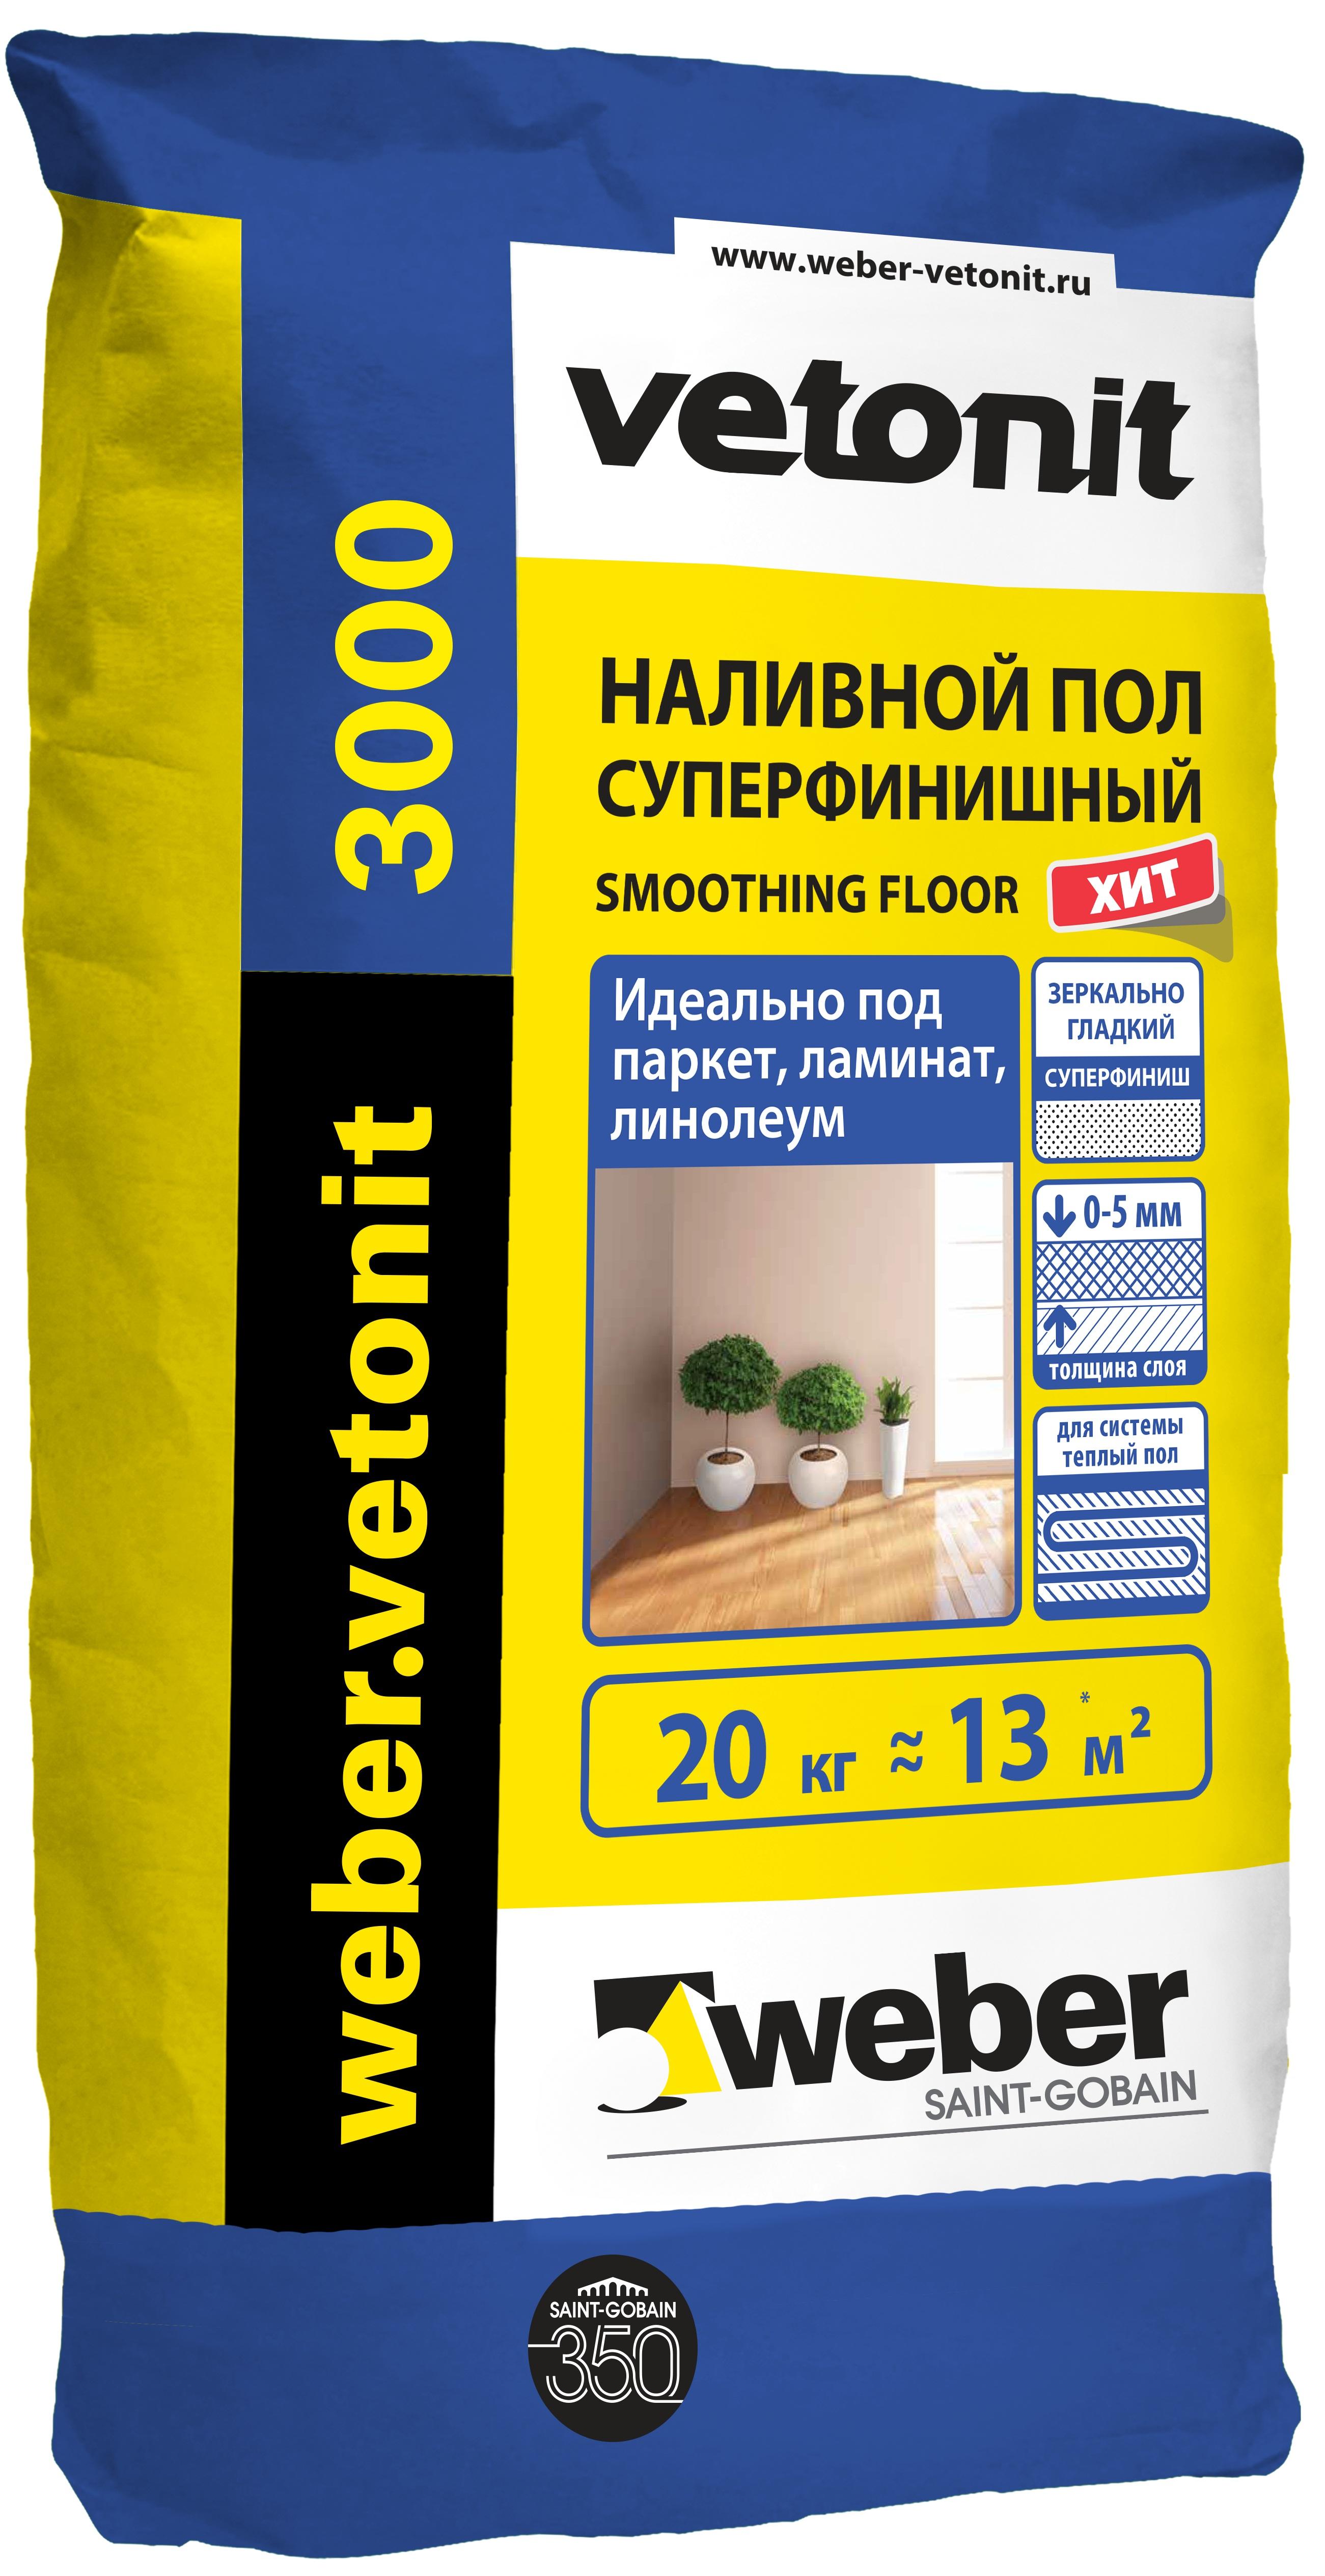 Купить Наливной пол суперфинишный Weber.Vetonit 3000, 20 кг — Фото №1